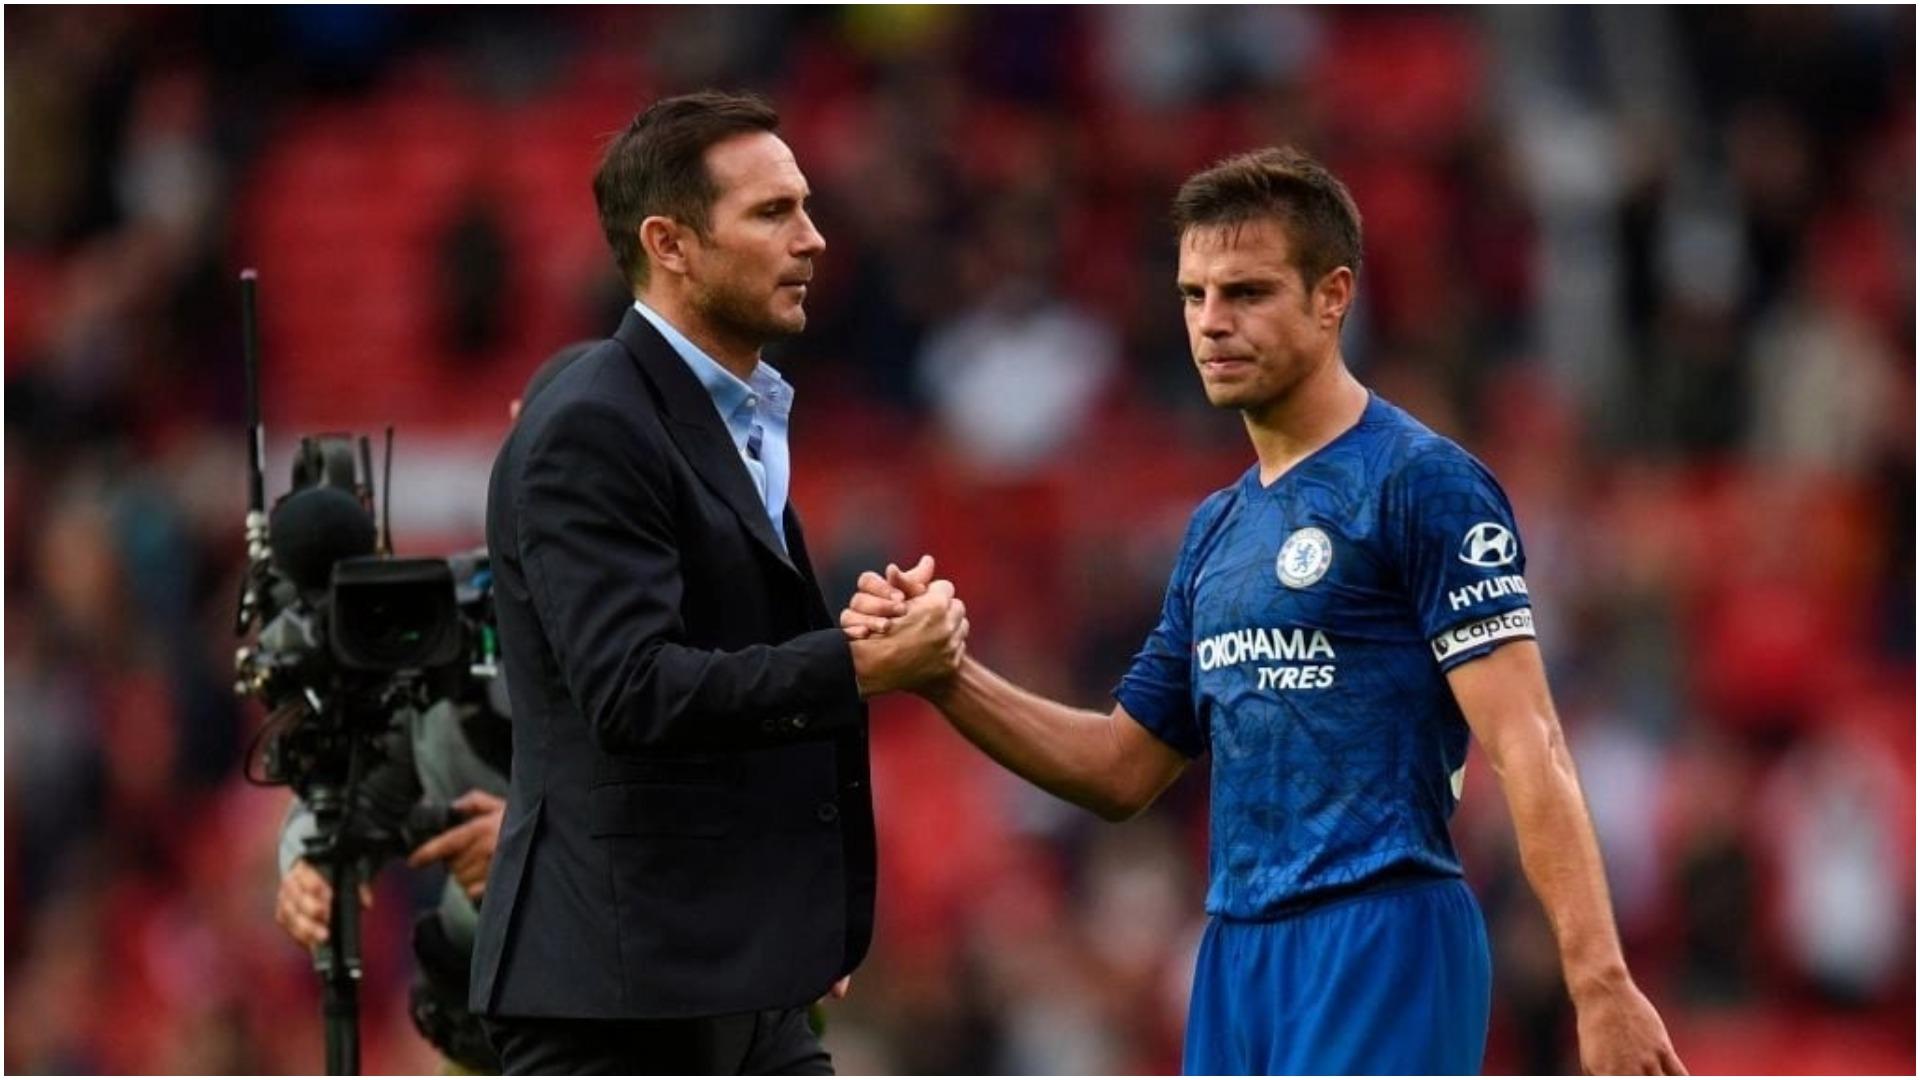 Ulje rrogash te Chelsea, trajneri sakrifikon më shumë se futbollistët